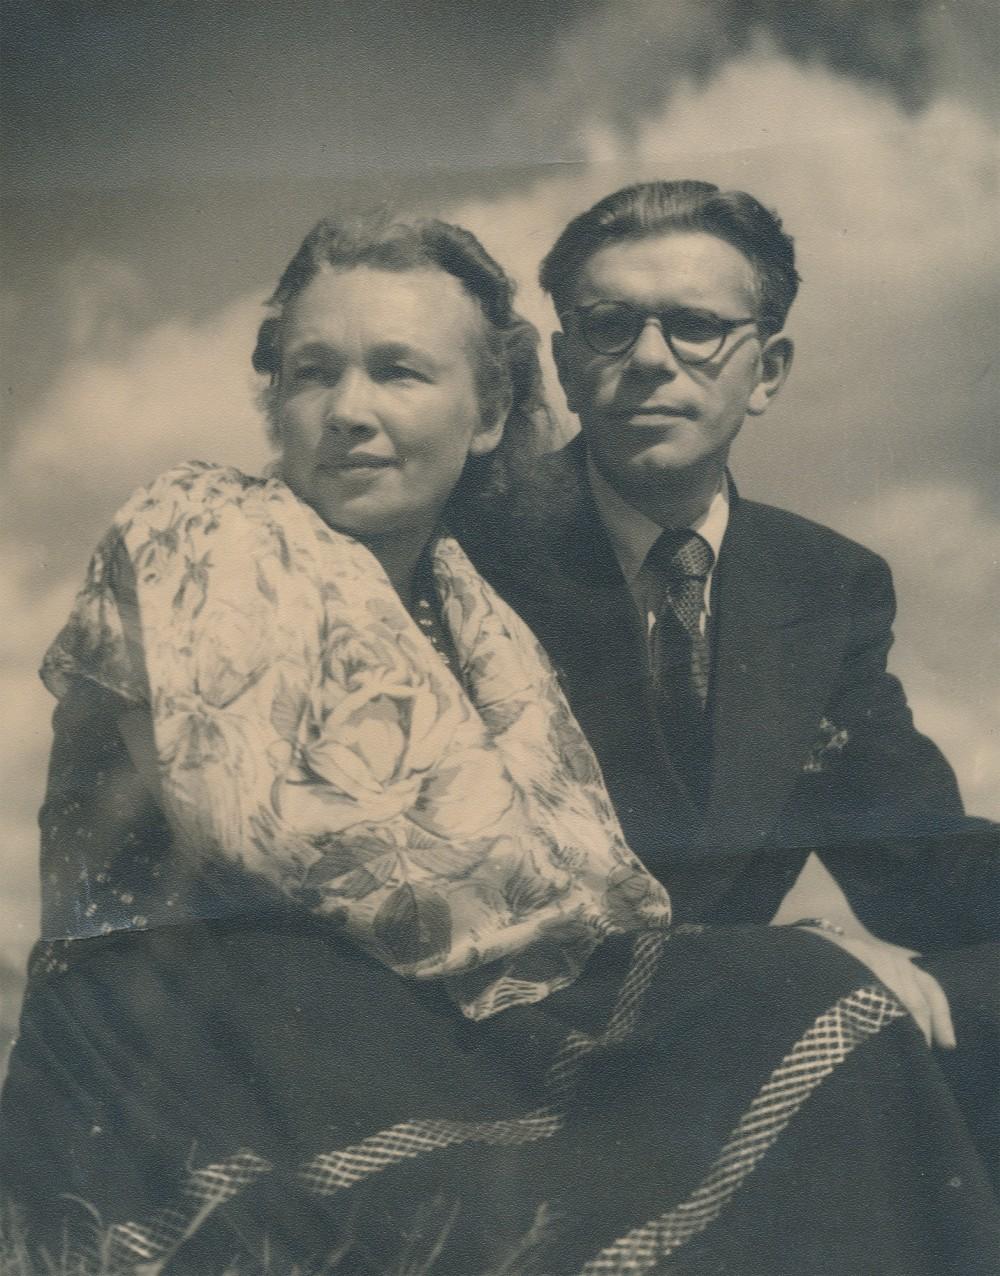 Su žmona Nele Mazalaite. Vokietija. Apie 1946 m.